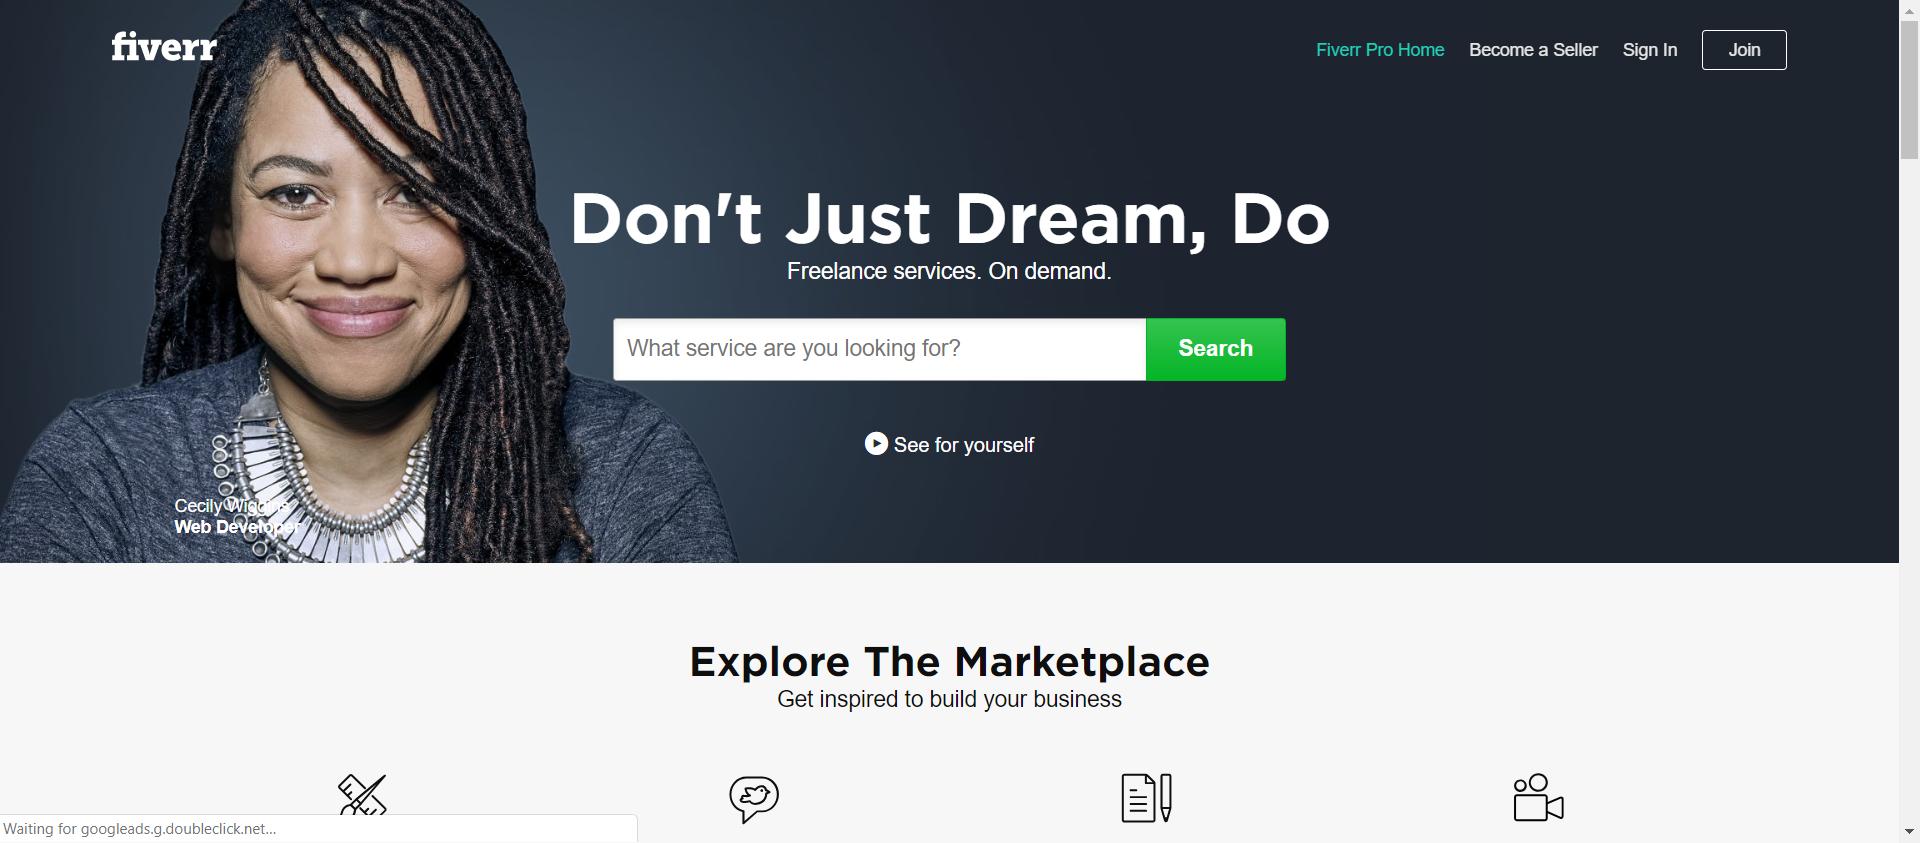 Fiverr website image